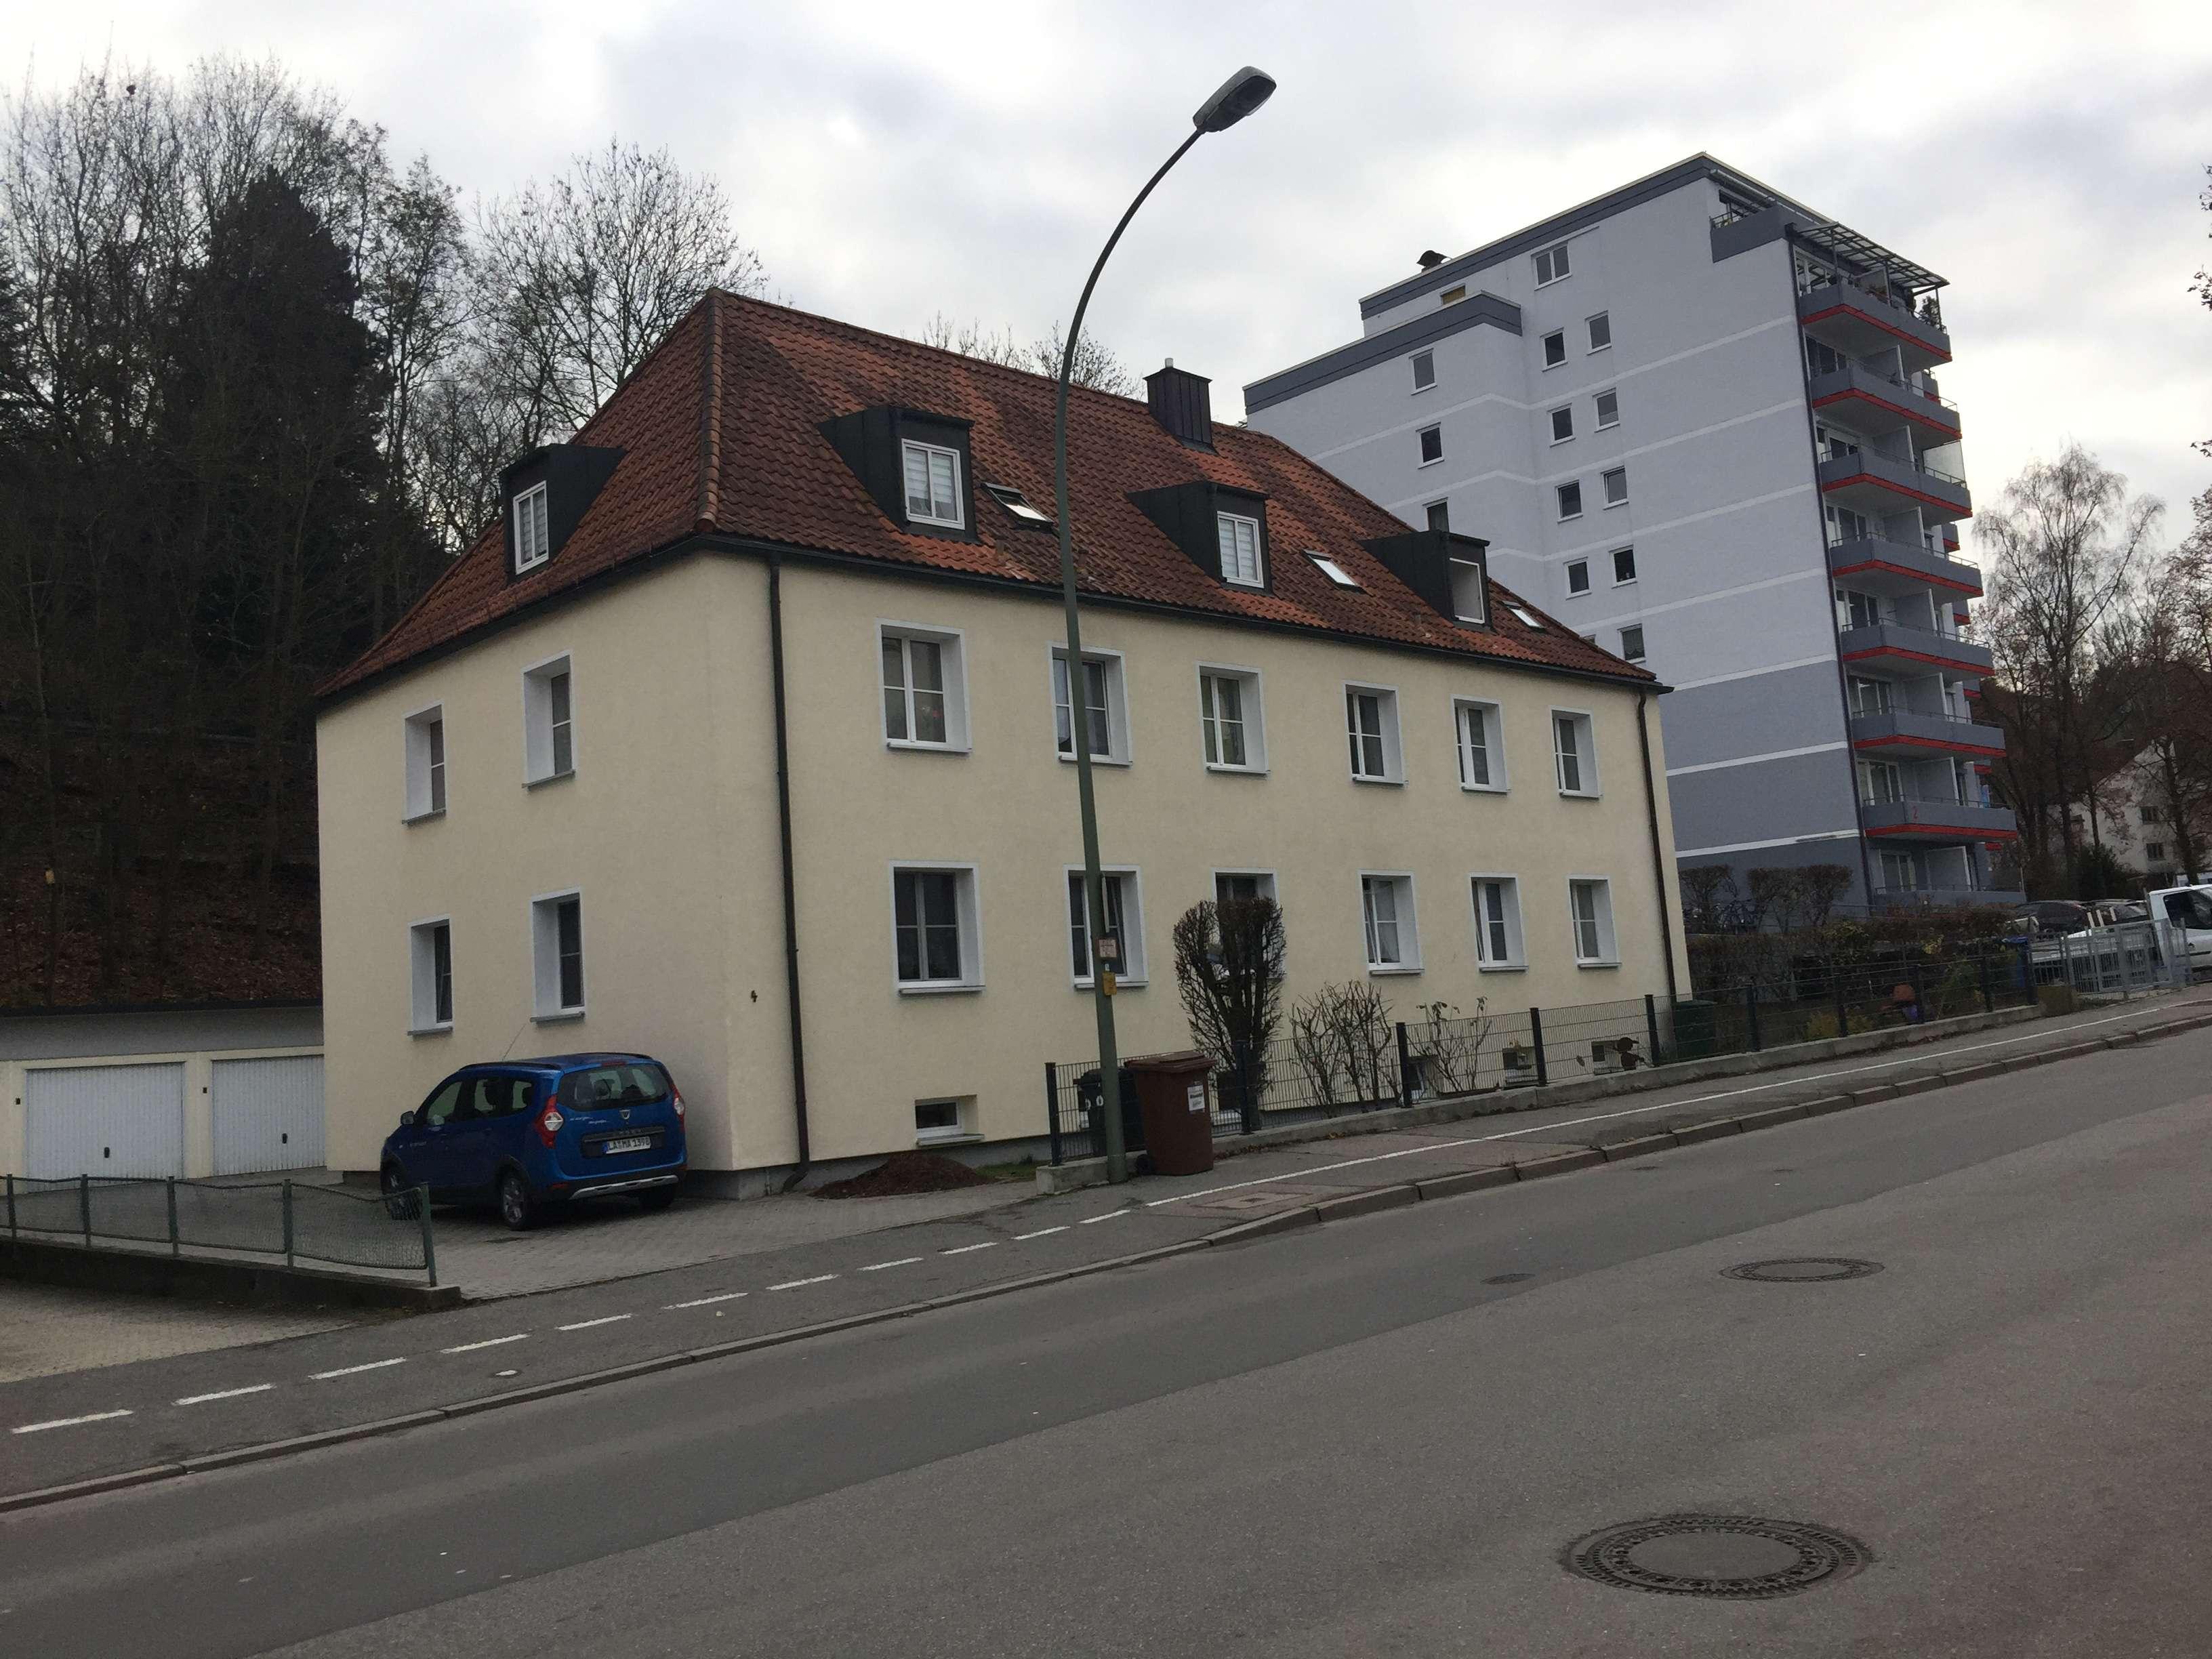 Gepflegte 3-Zimmer-Wohnung in 6 Parteien Haus in Landshut in Peter u. Paul (Landshut)